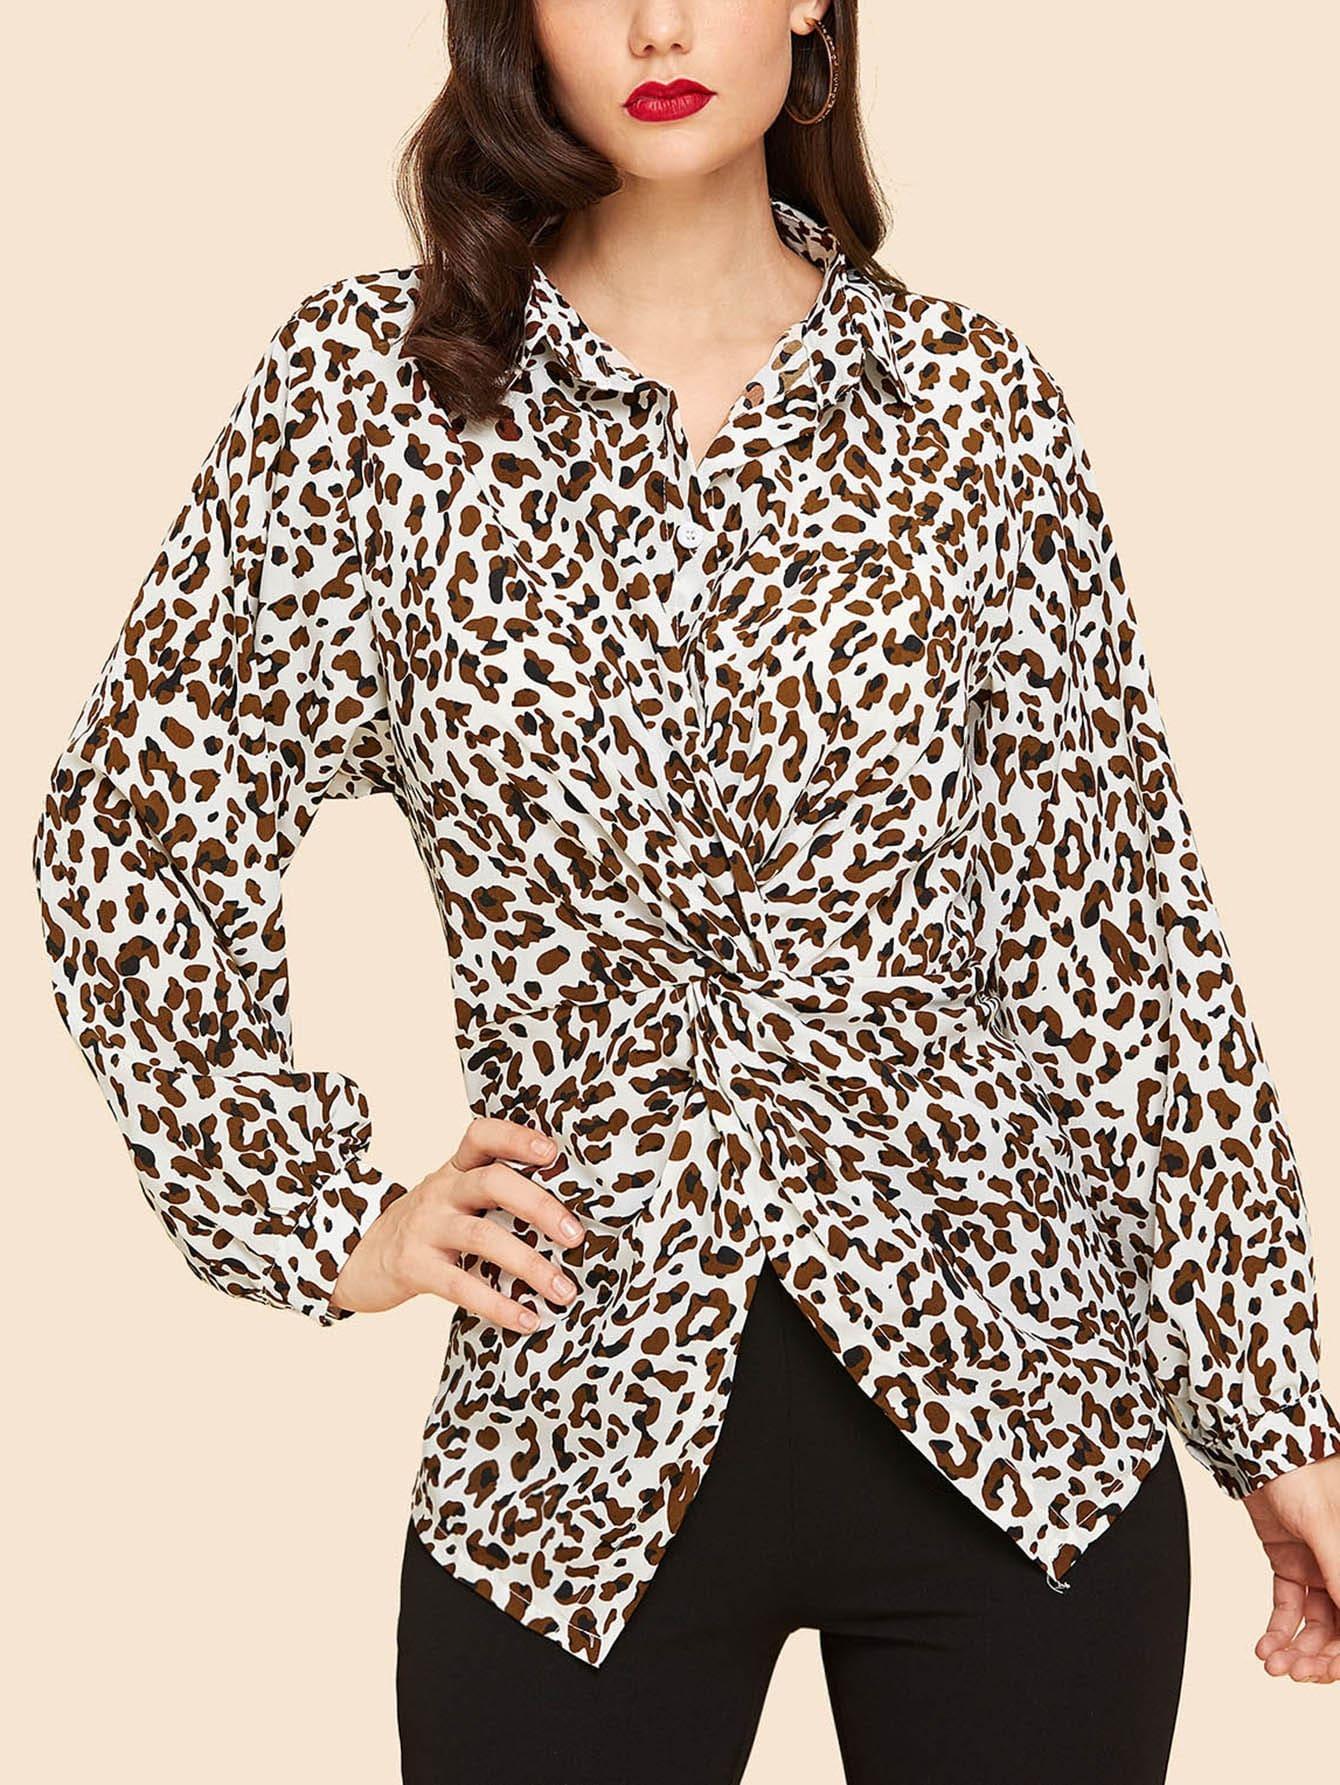 Купить Леопардовая витой спереди блузка, Julie H., SheIn